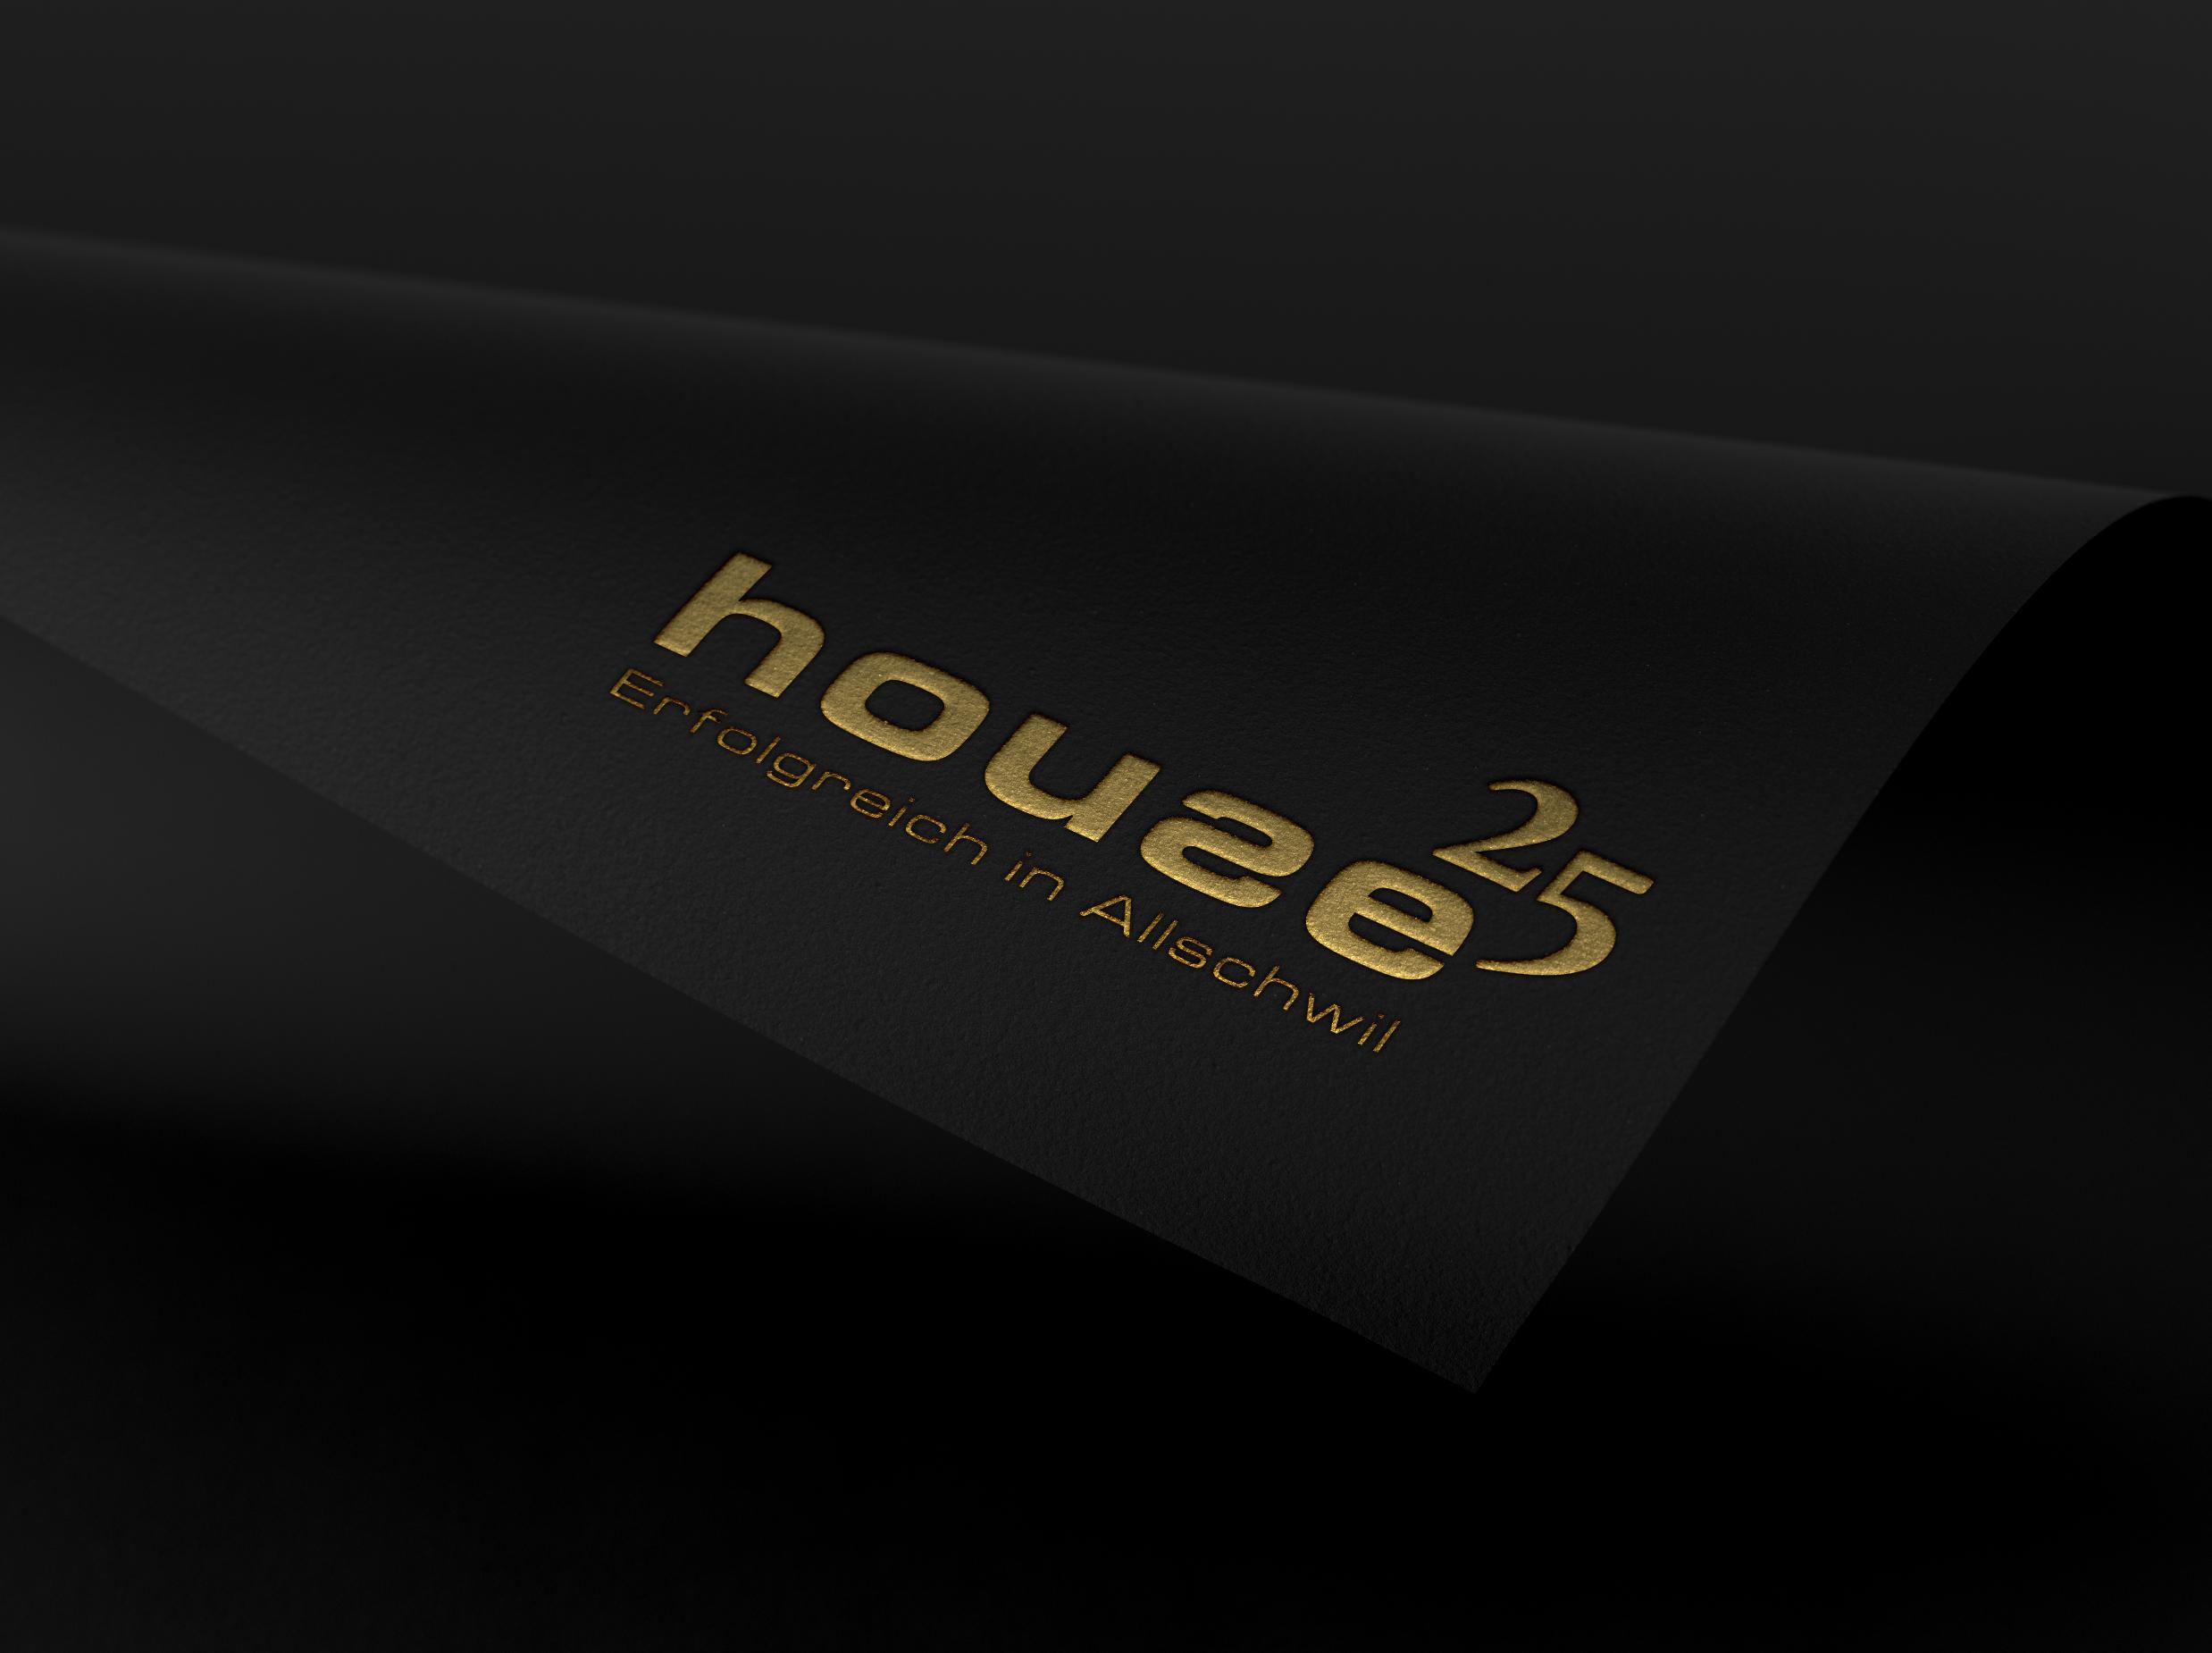 TEND house 25